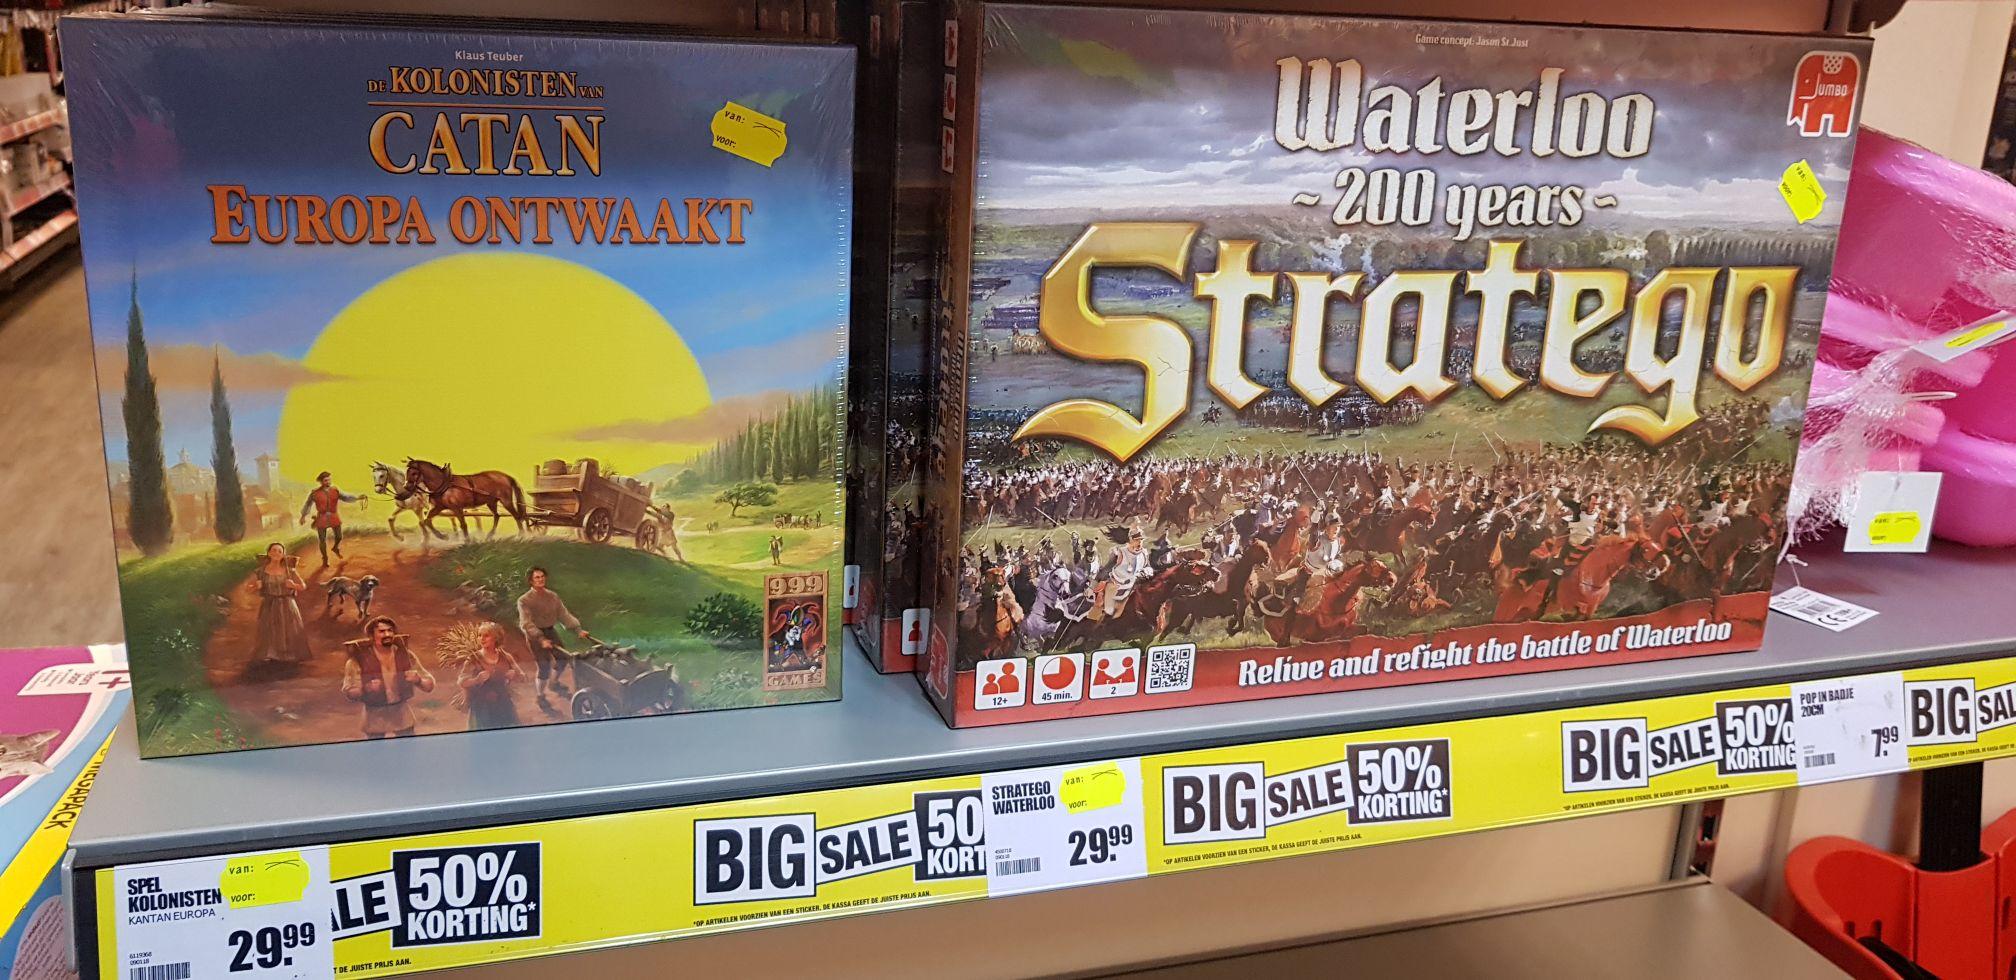 Kolonisten van Catan Europa Ontwaakt en Stratego Waterloo @Big Bazar